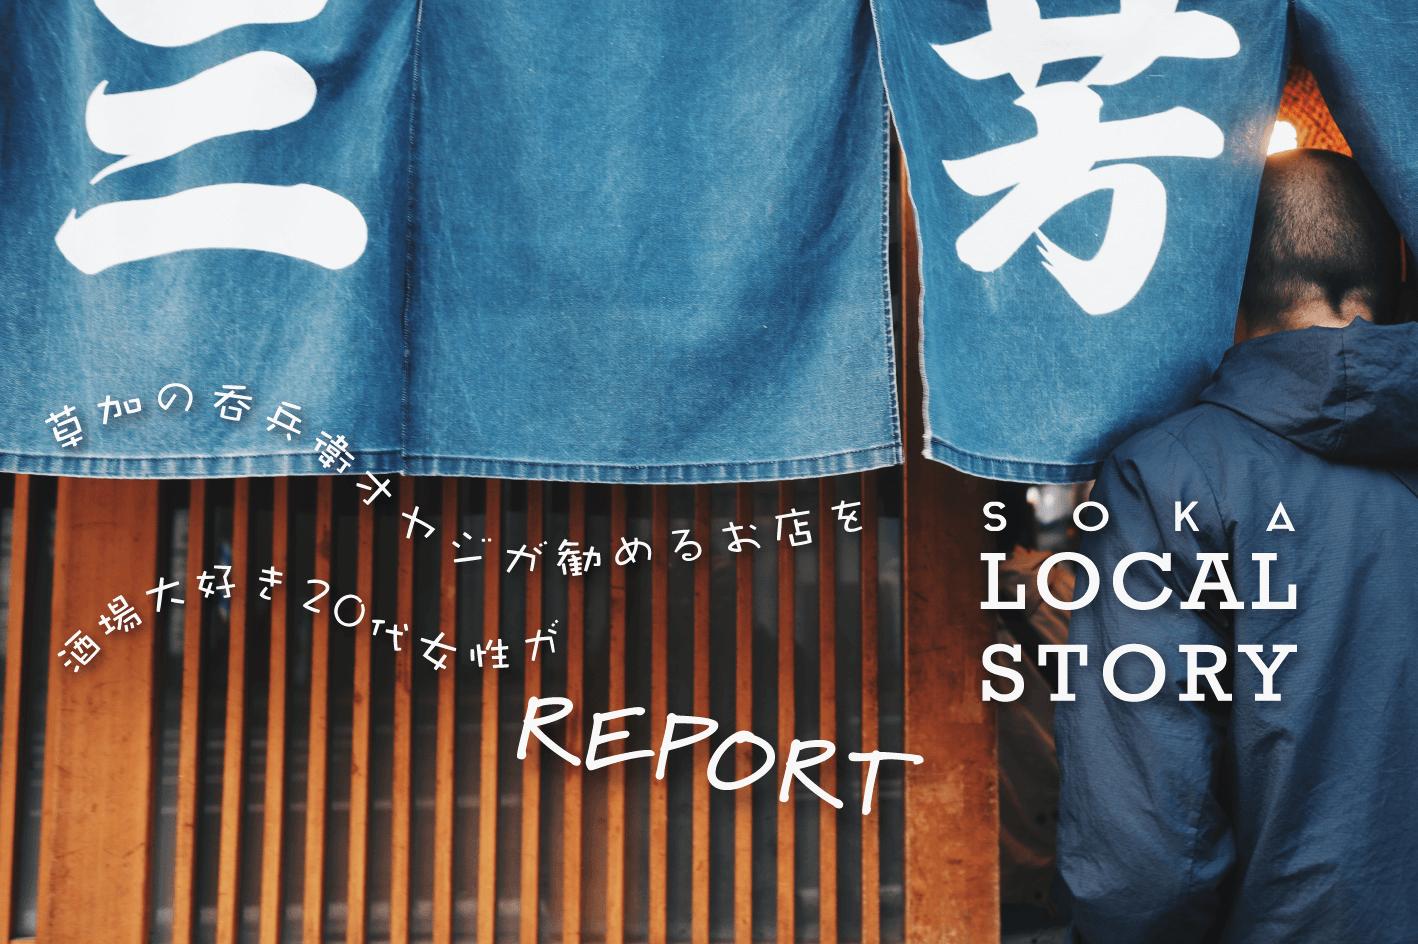 ローカルWEBメディア・地域サイト 草加ローカルストーリー 草加居酒屋 三芳